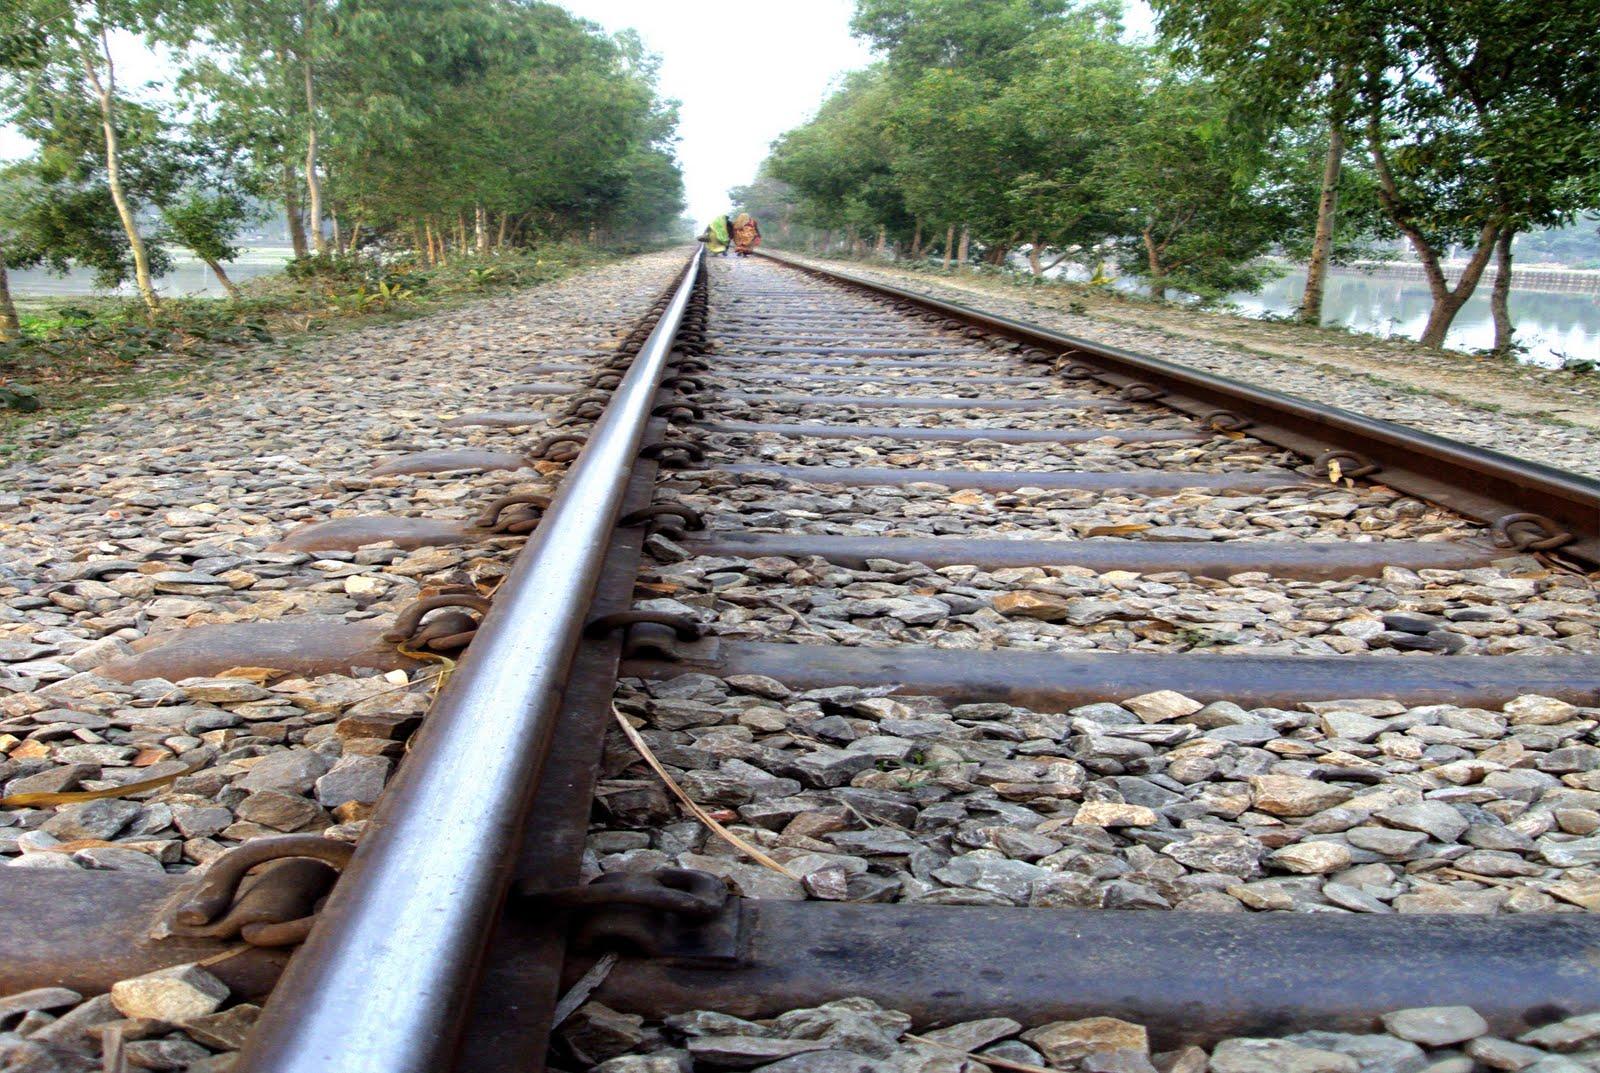 http://4.bp.blogspot.com/__0bX6tXpuqw/TCsbrSoJc6I/AAAAAAAAAL0/gLZyDI_VhSY/s1600/Rail%2BRoad%2BWallpaper.jpg